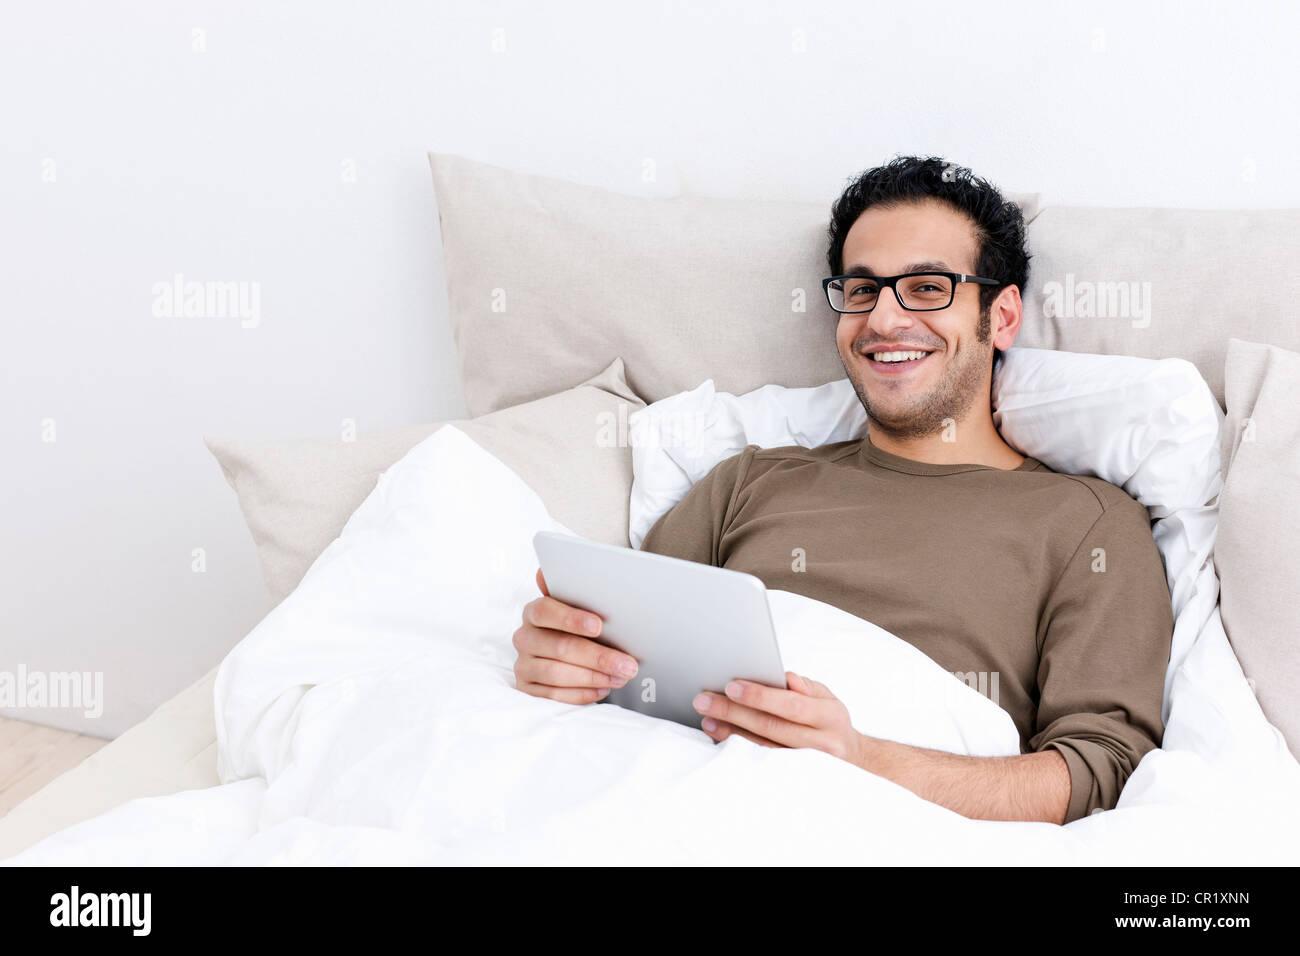 Hombre utilizando tablet PC en la cama Imagen De Stock